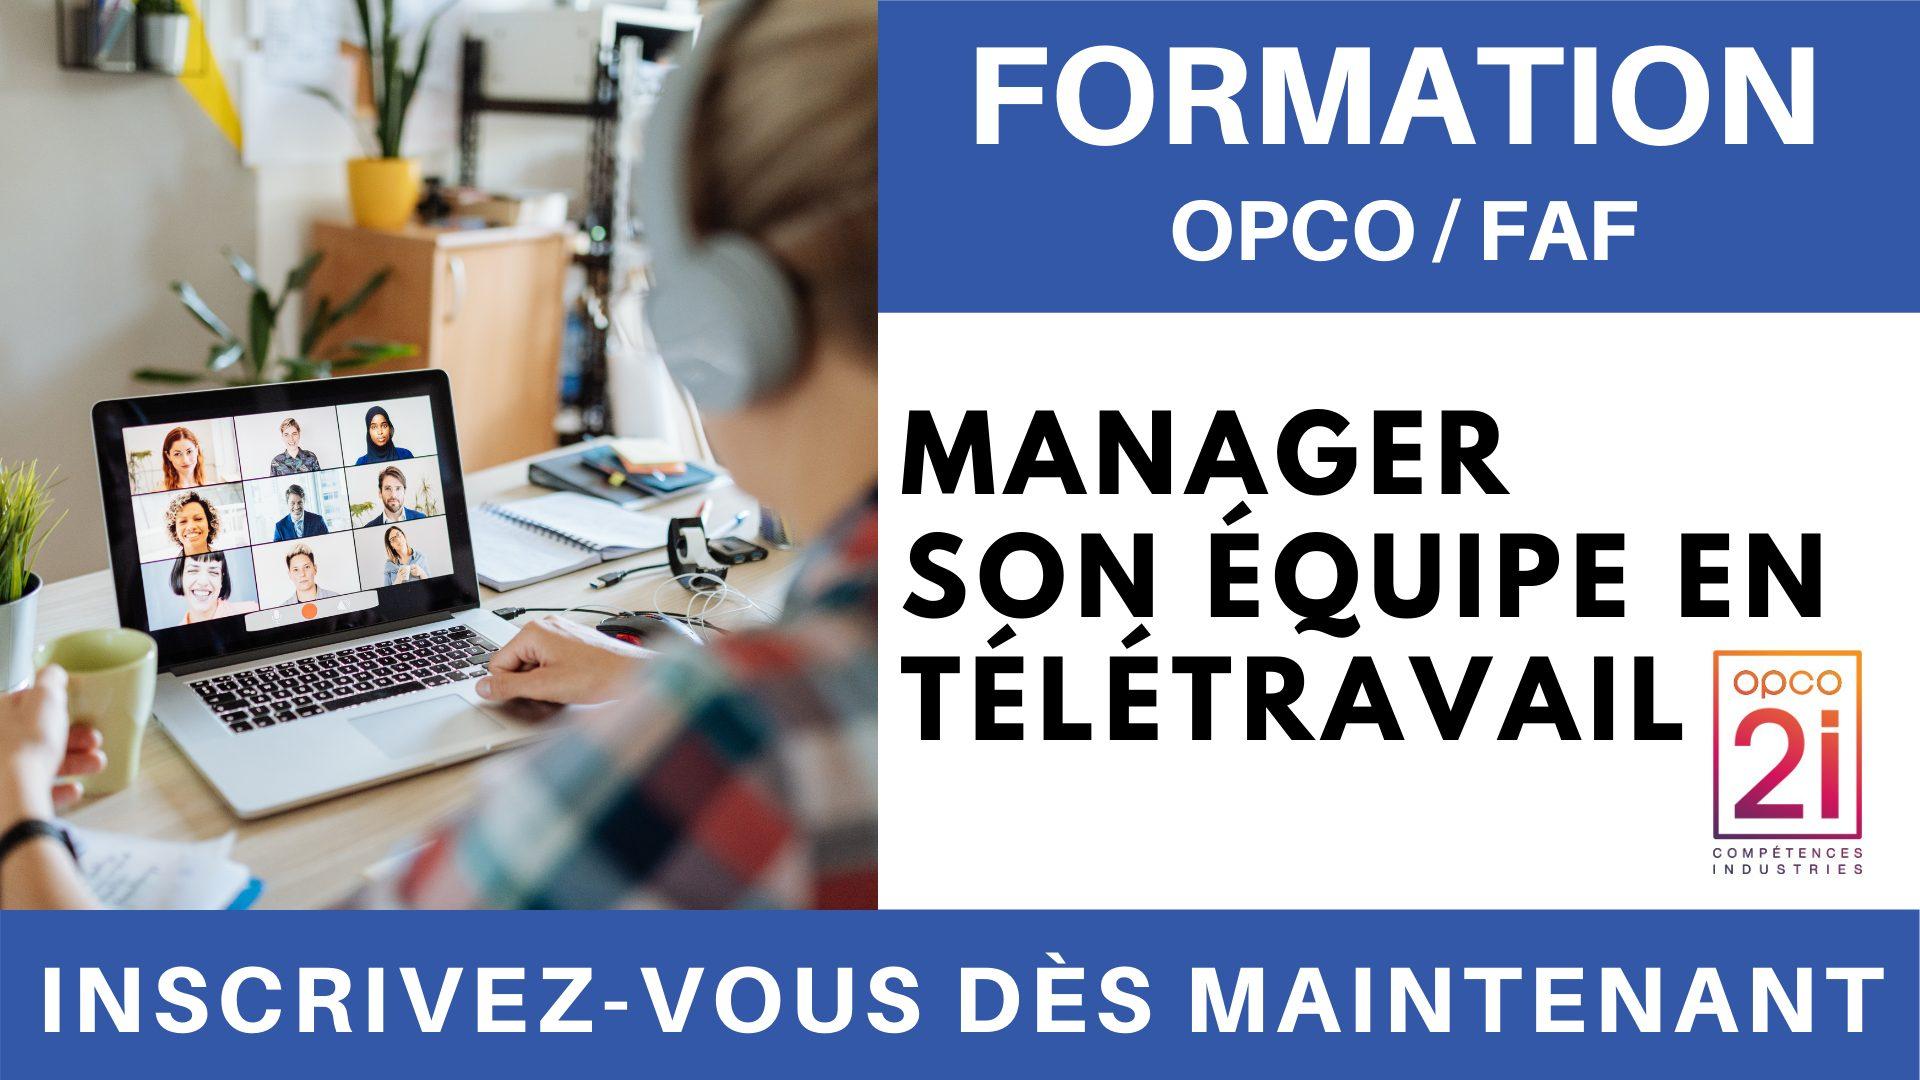 Formation OPCO FAF - Manager son équipe en télétravail